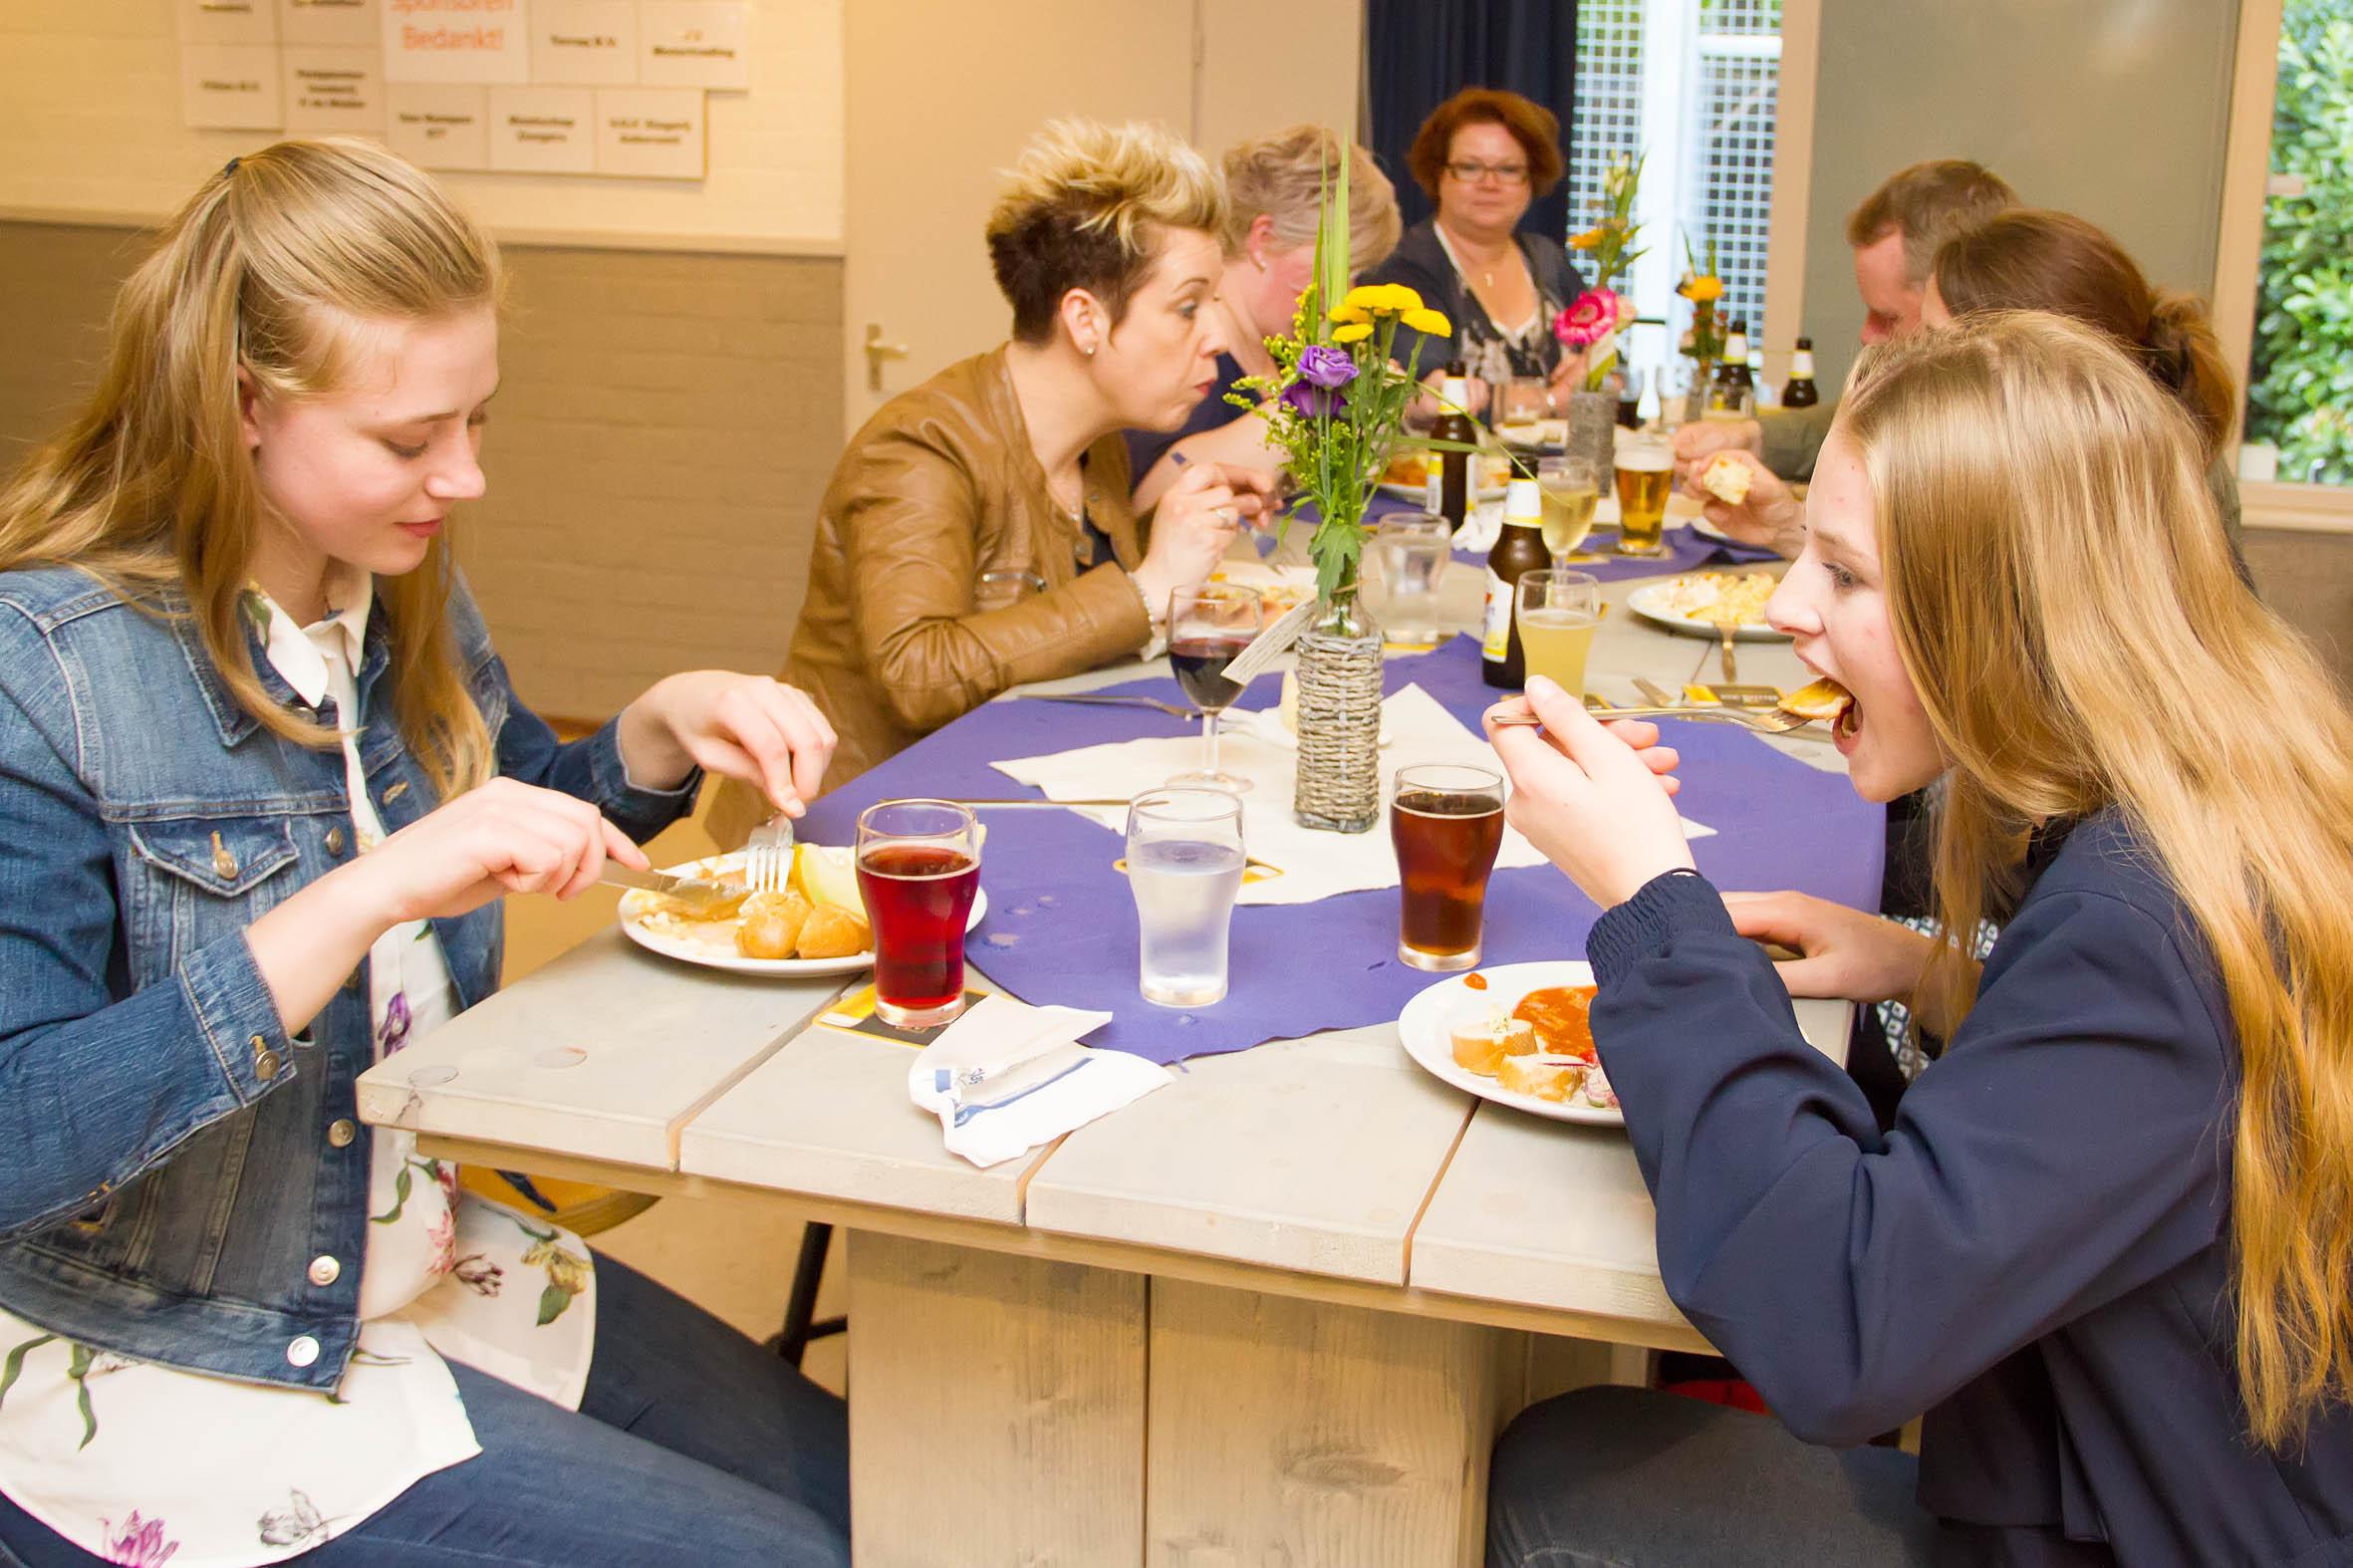 De 85 aanwezige vrijwilligers genieten van het heerlijke eten